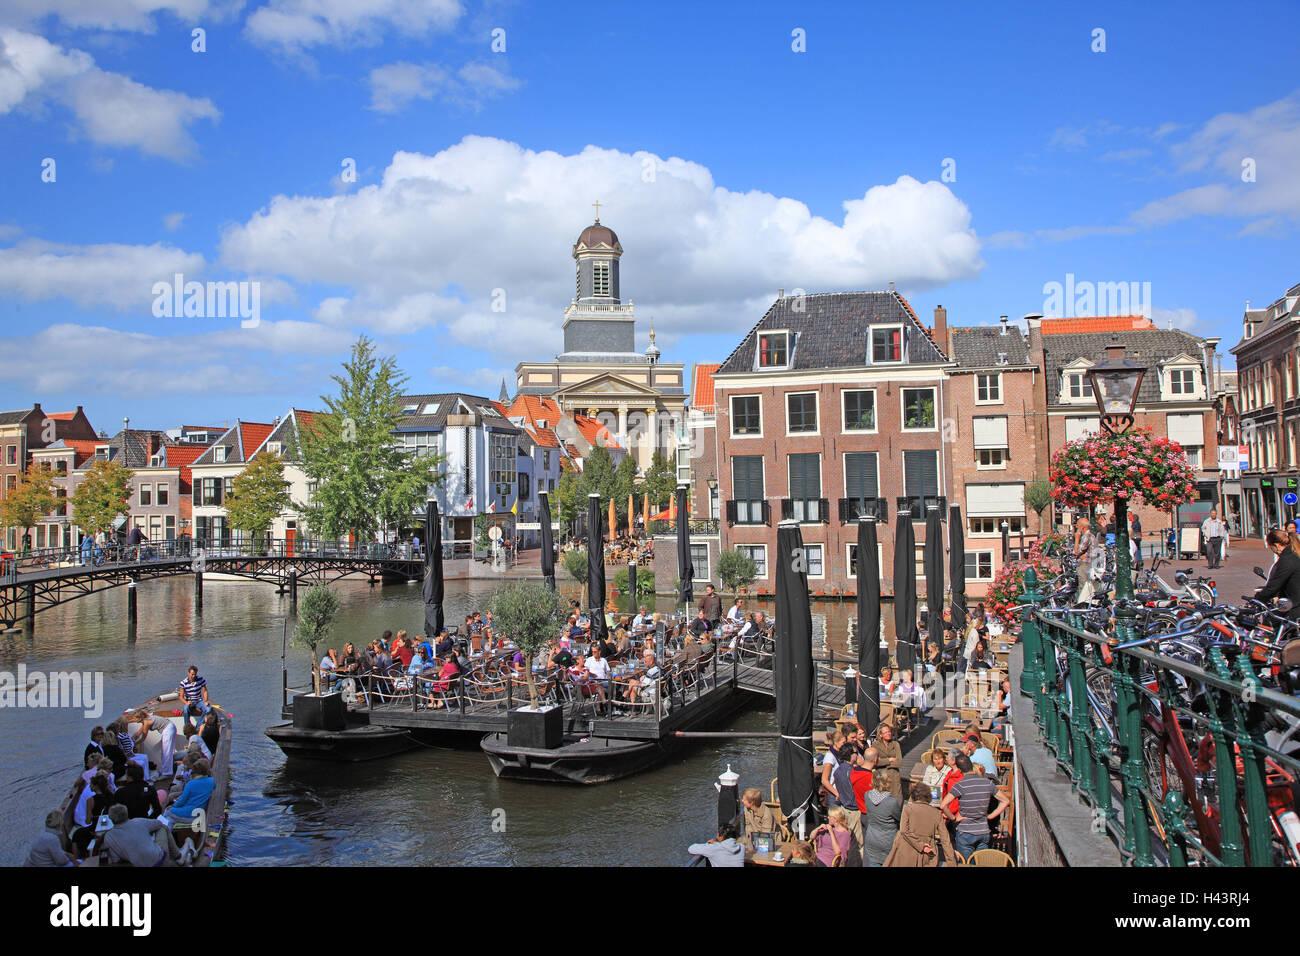 Den Niederlanden, Beschwerden, Blick auf die Stadt, Hafen, Touristen, Stockbild